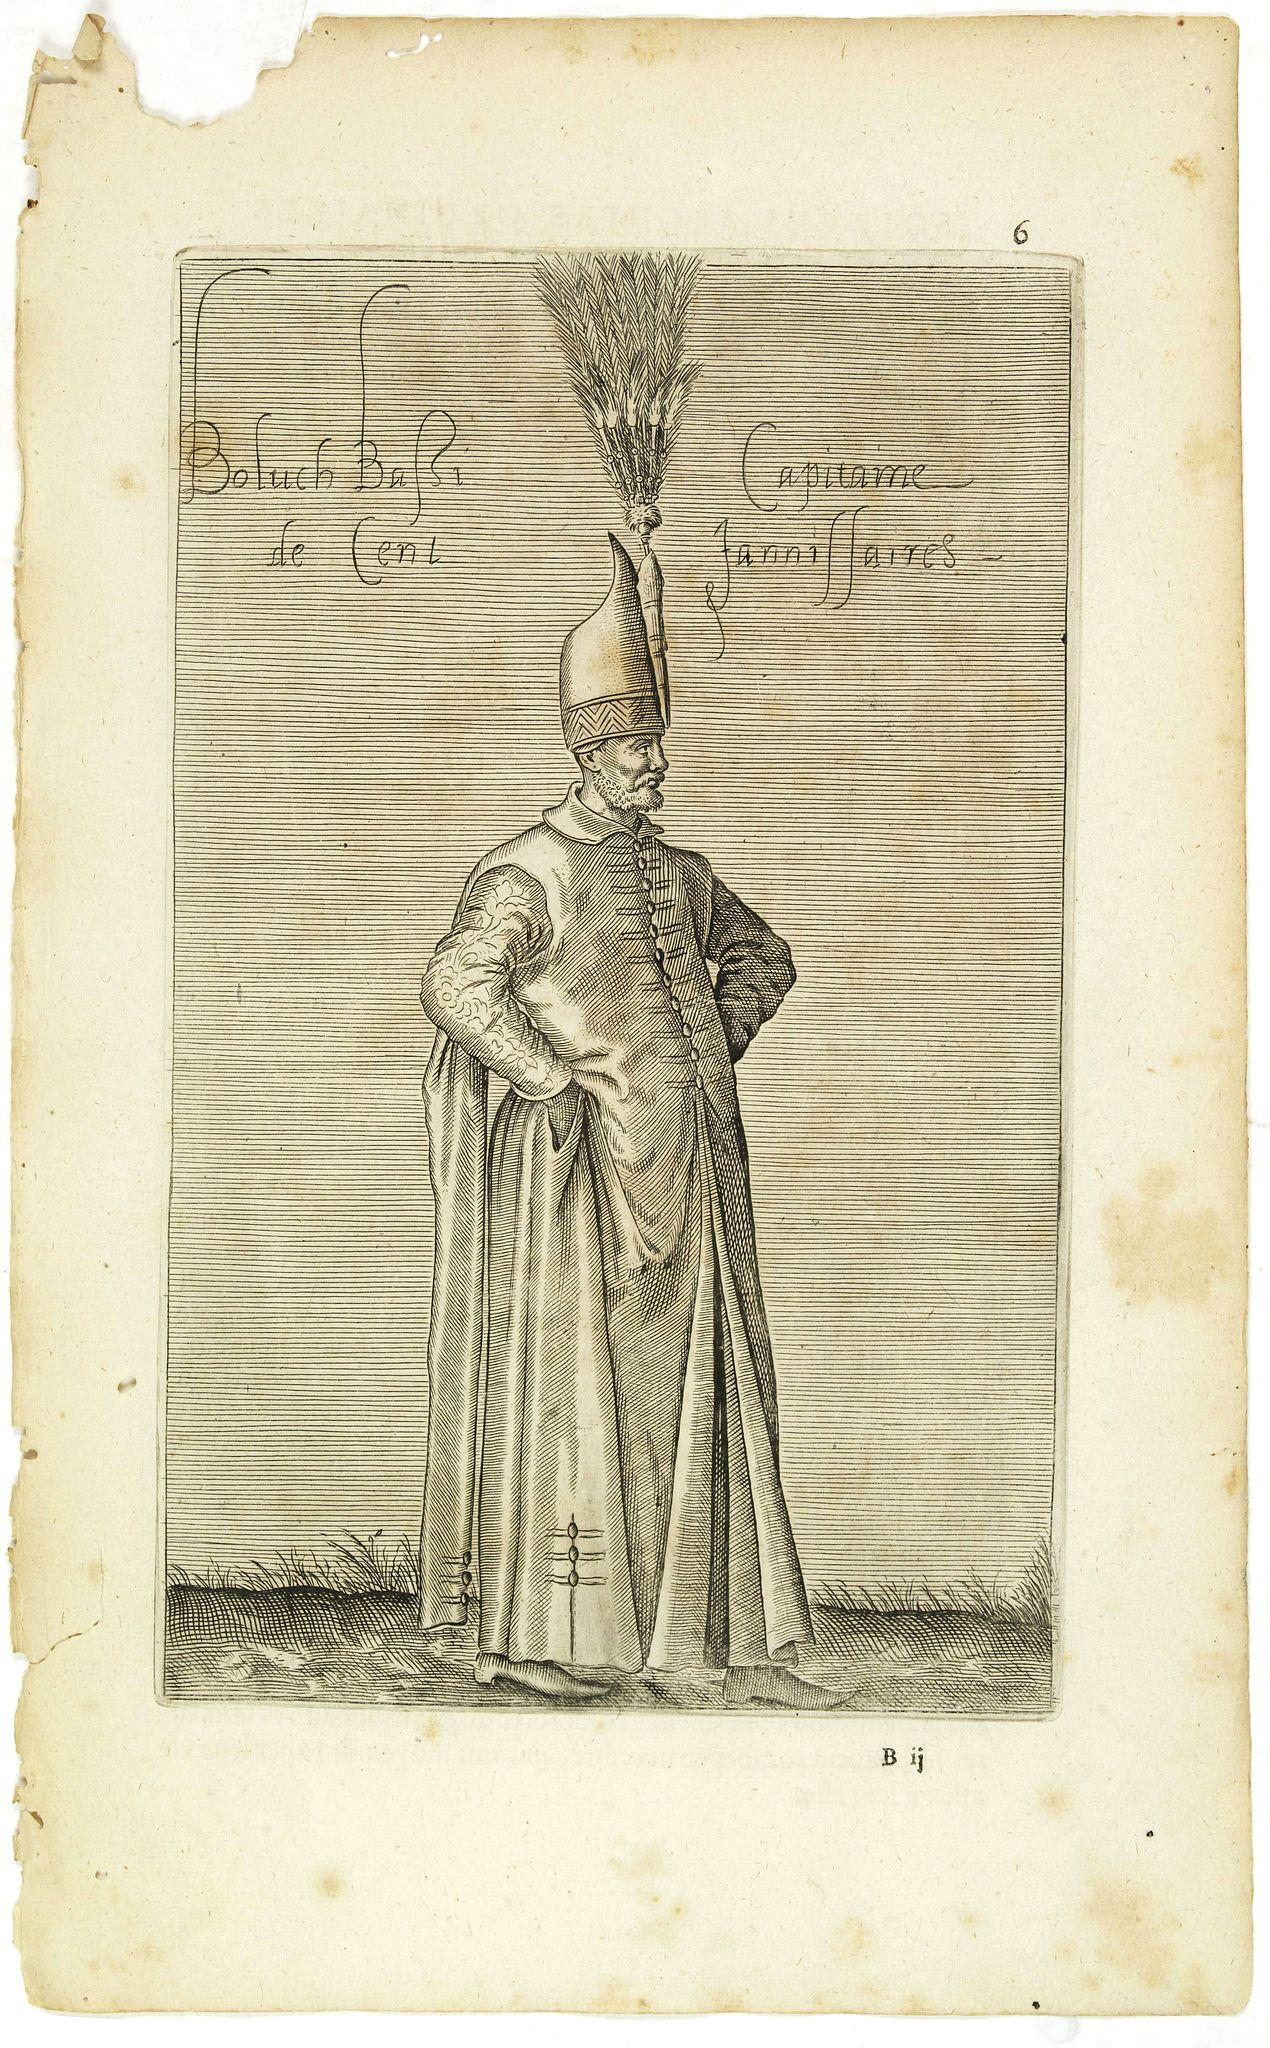 NICOLAS DE NICOLAY, Thomas Artus (sieur d'Embry). -  Boluch Bassi Capitaine de Cent Janissaires. (6)